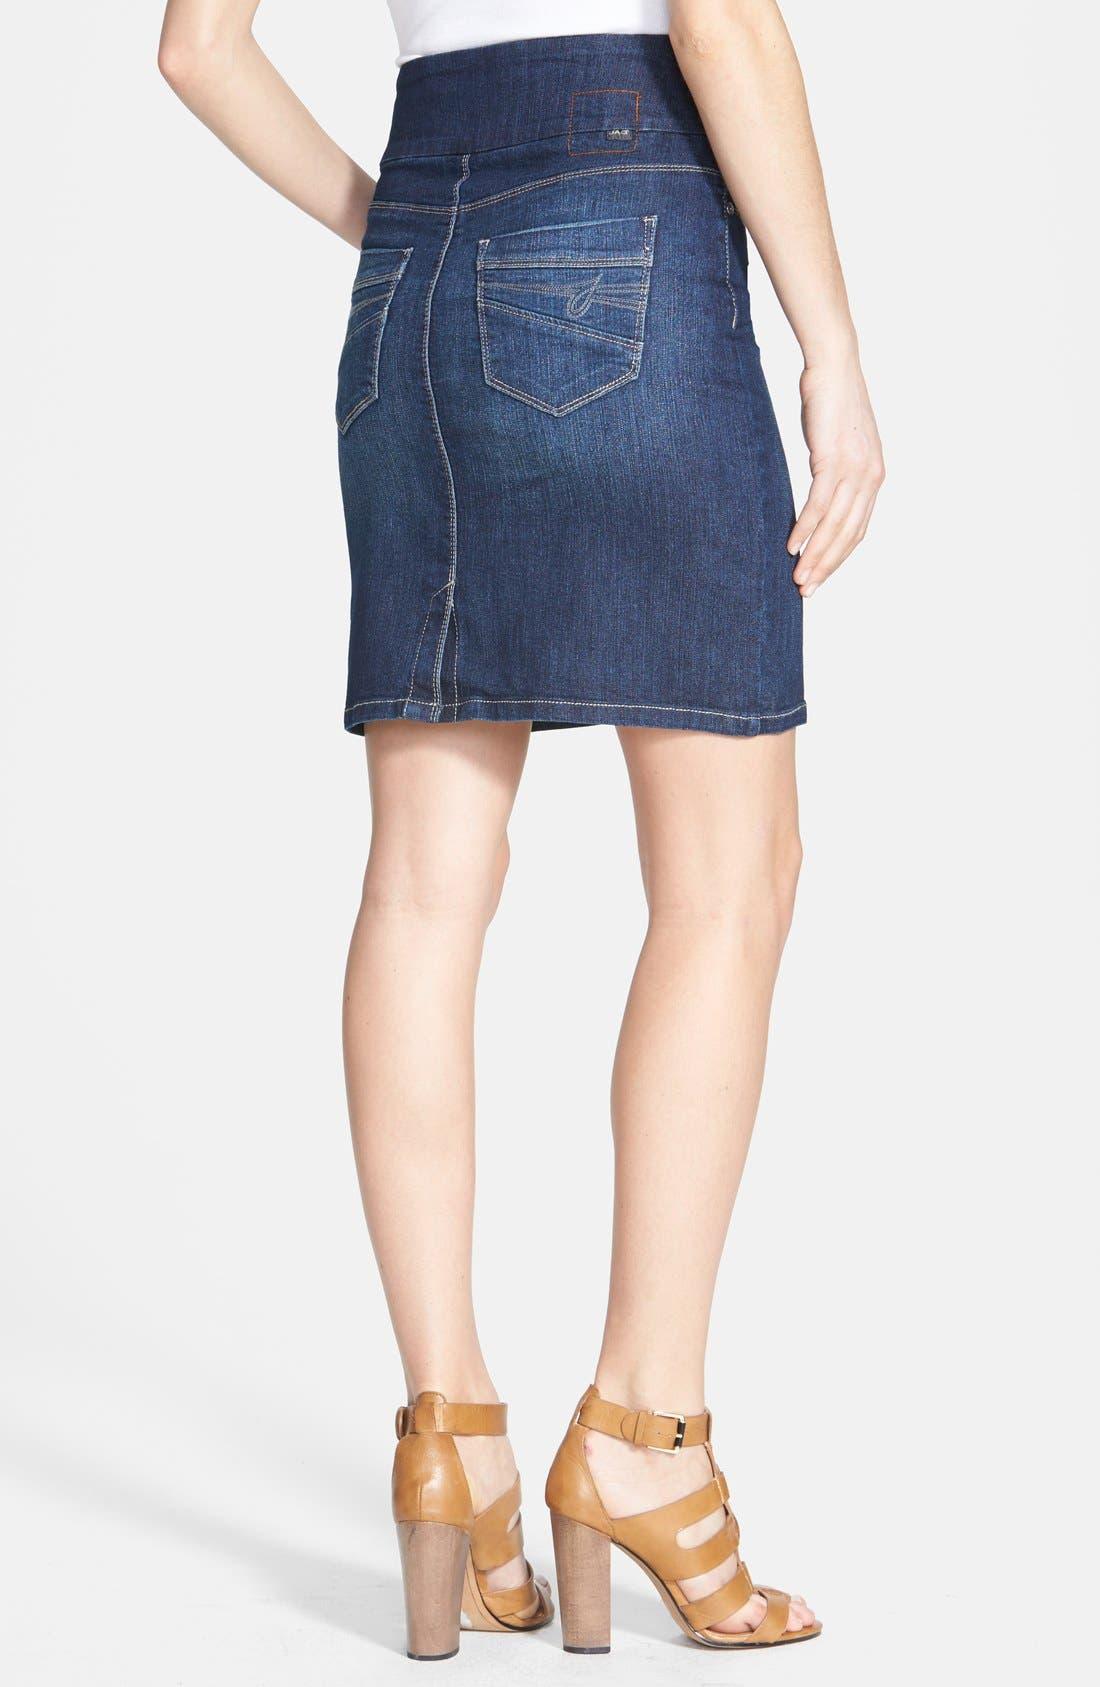 Alternate Image 2  - Jag Jeans 'Eloise' Pull-On Stretch Denim Skirt (Regular & Petite)